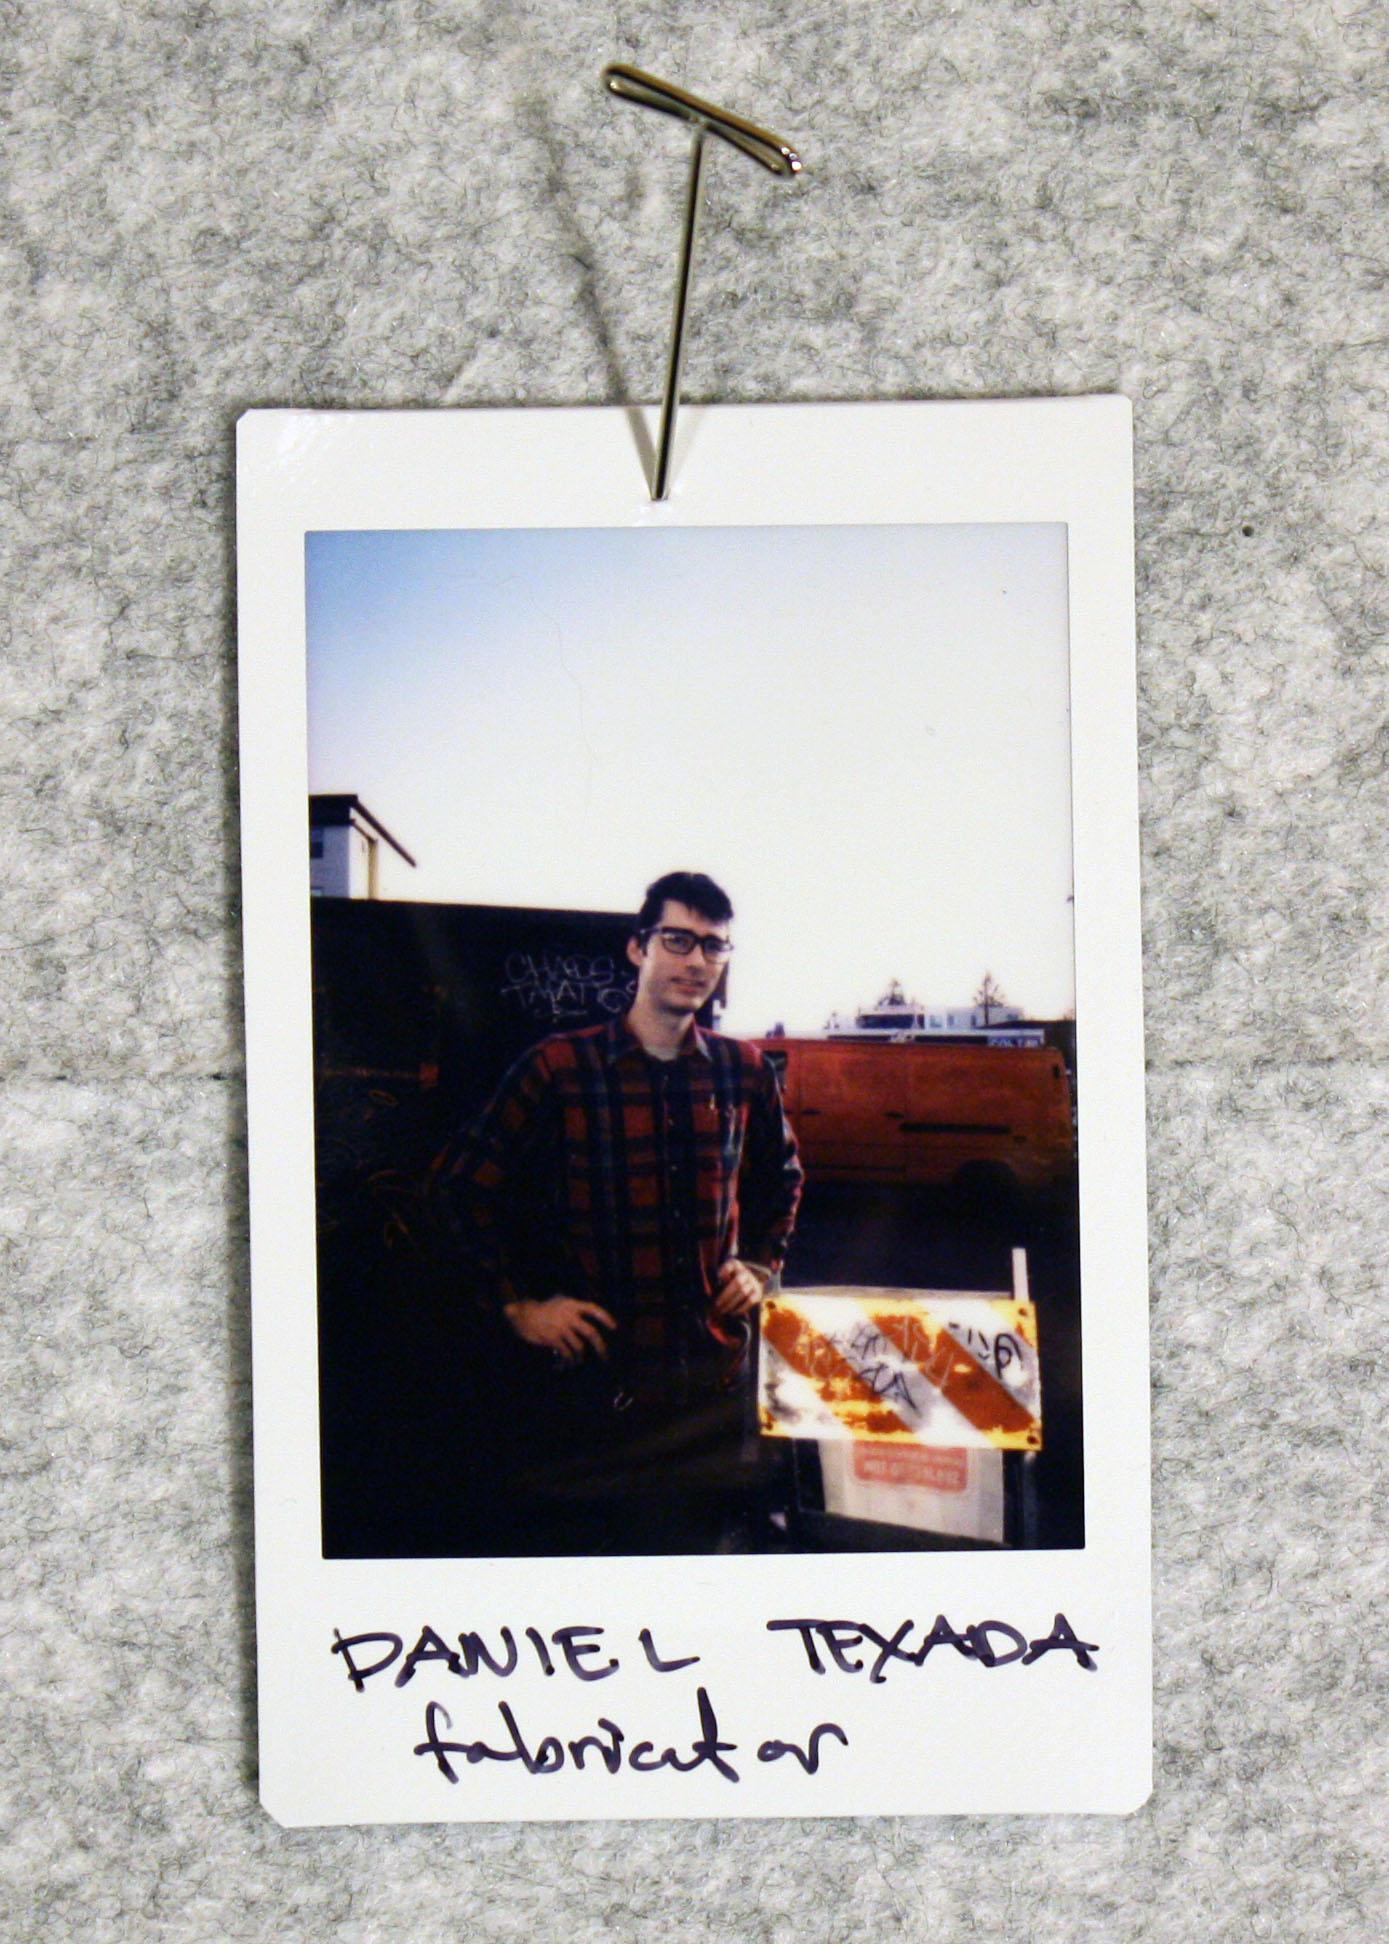 Daniel Texada